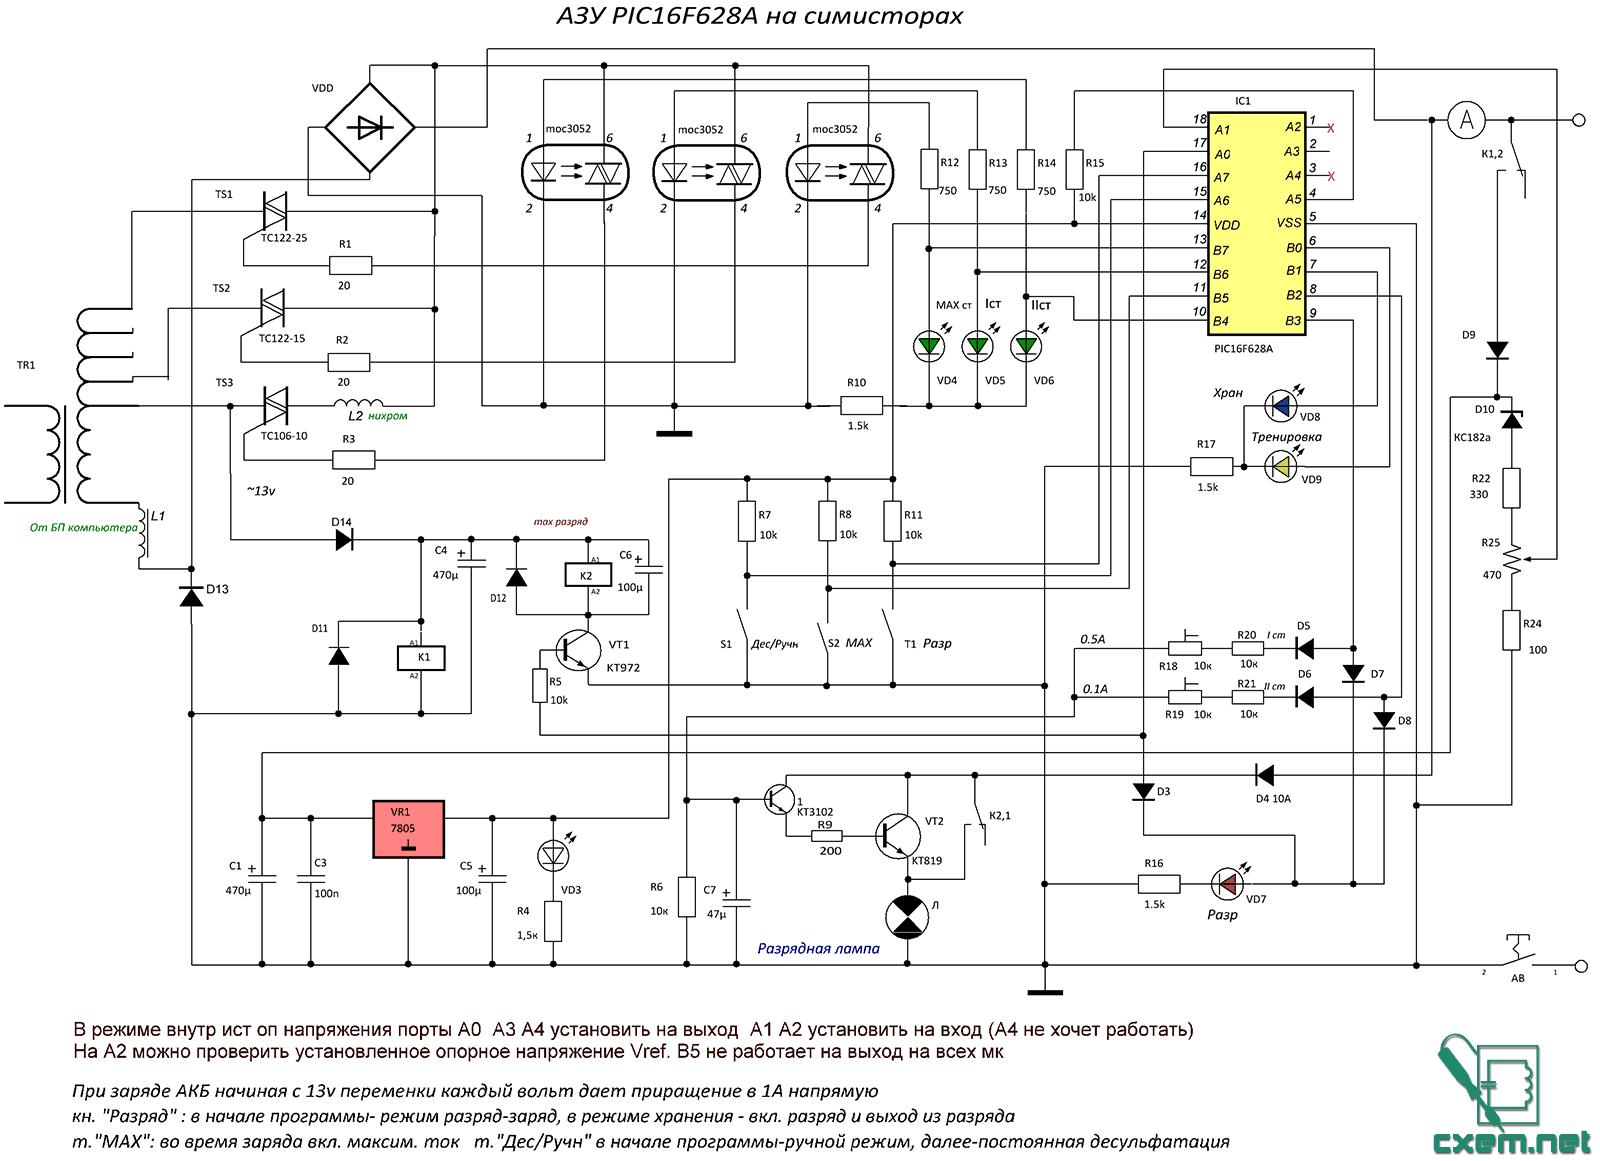 Максимальный ток заряда определяется мощностью трансформатора и собственно тиристорами + диодный мост.